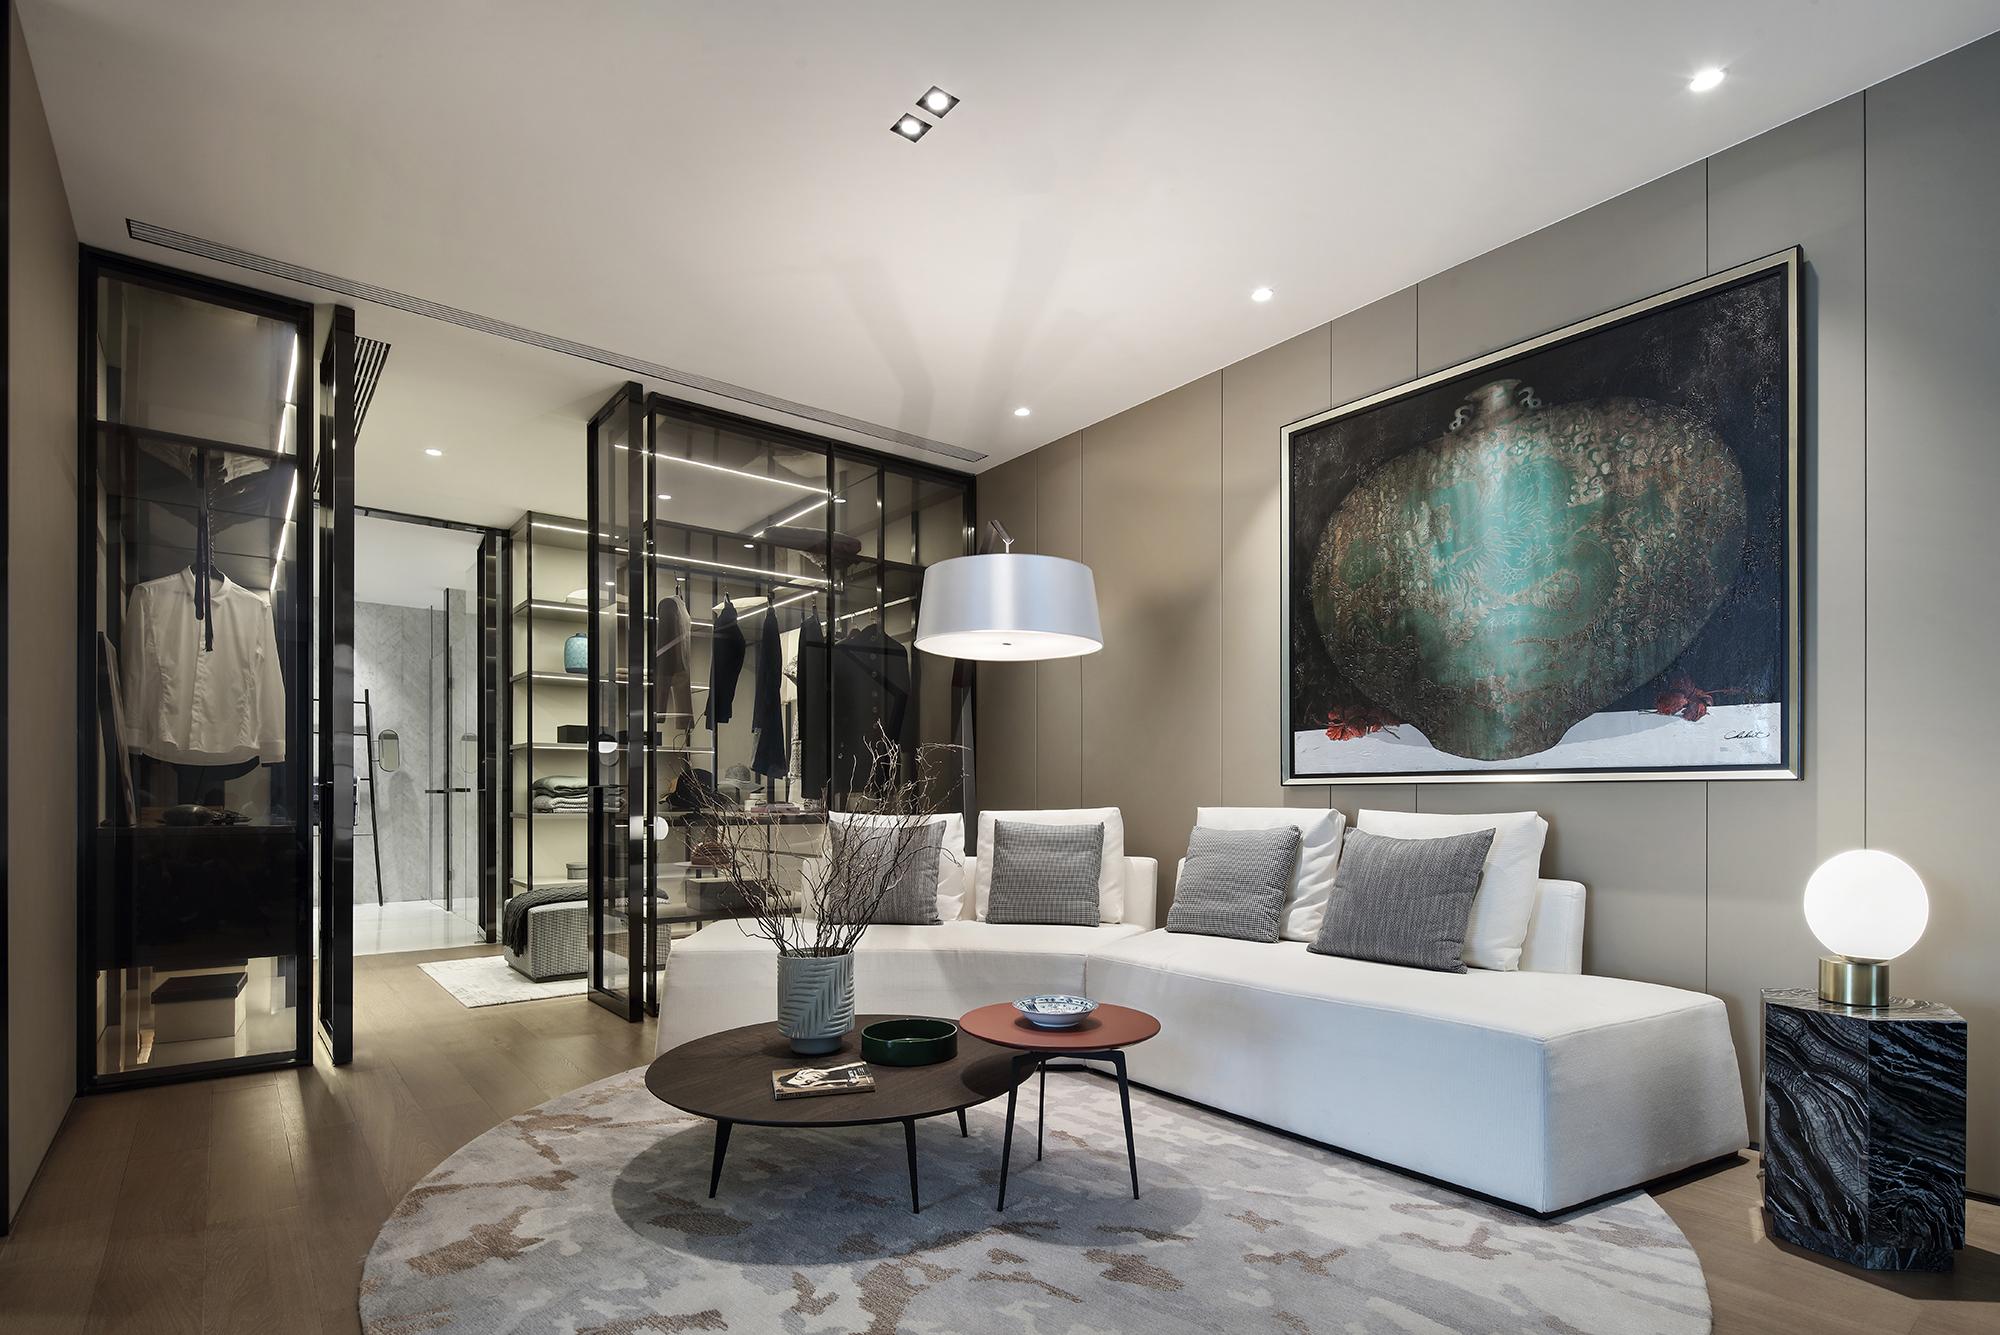 悠雅662平现代别墅休闲区效果图片大全客厅现代简约客厅设计图片赏析